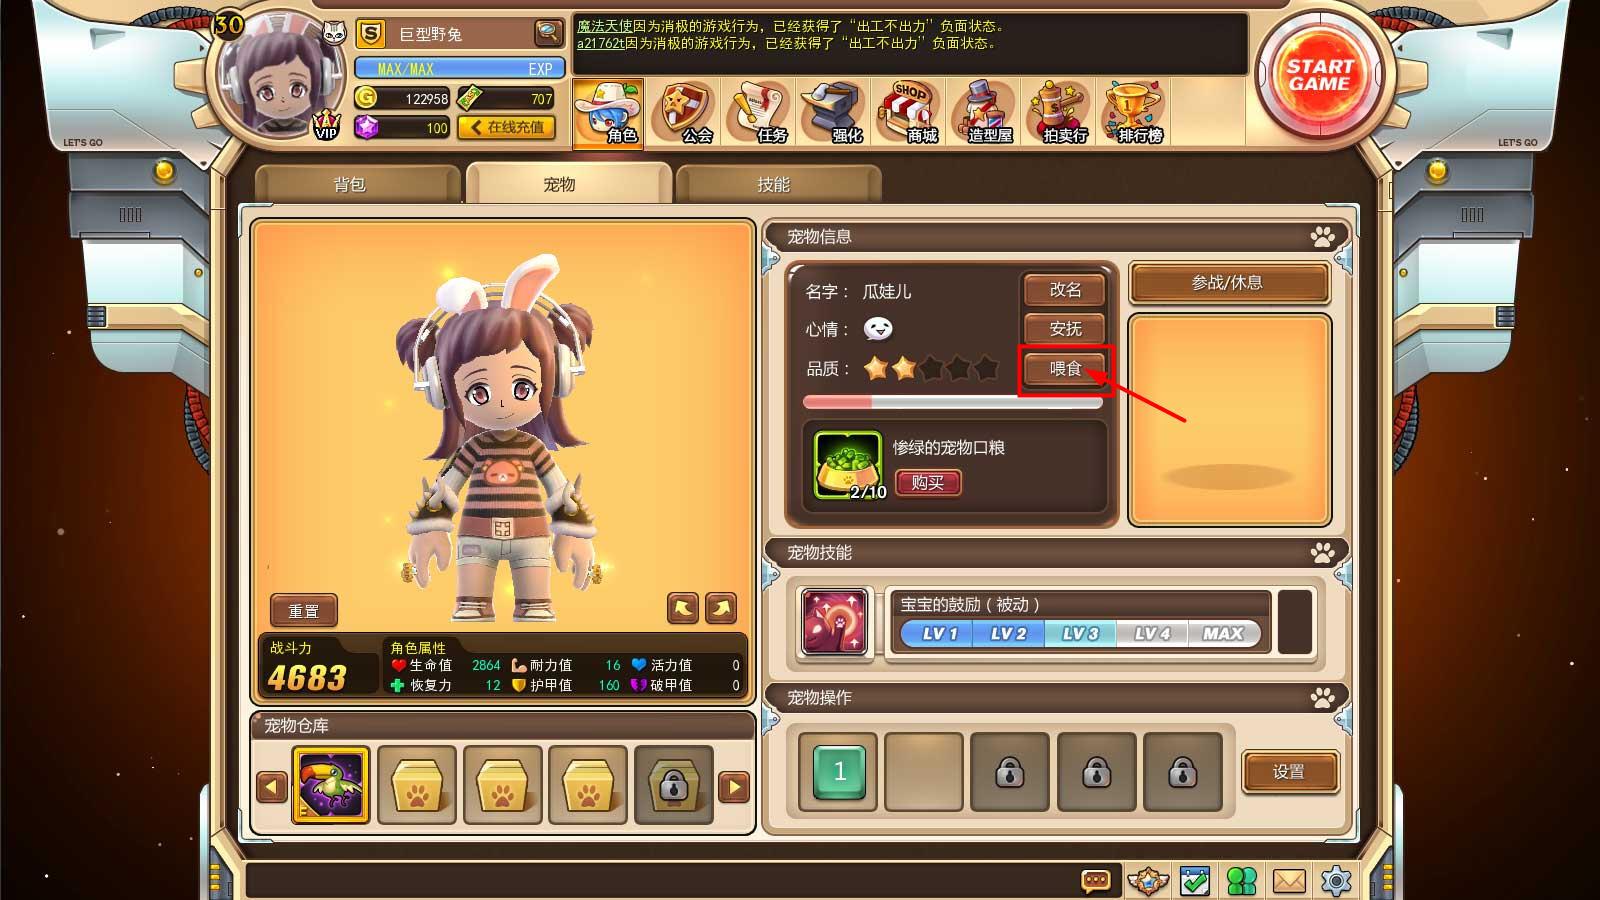 qq系统自带游戏头像